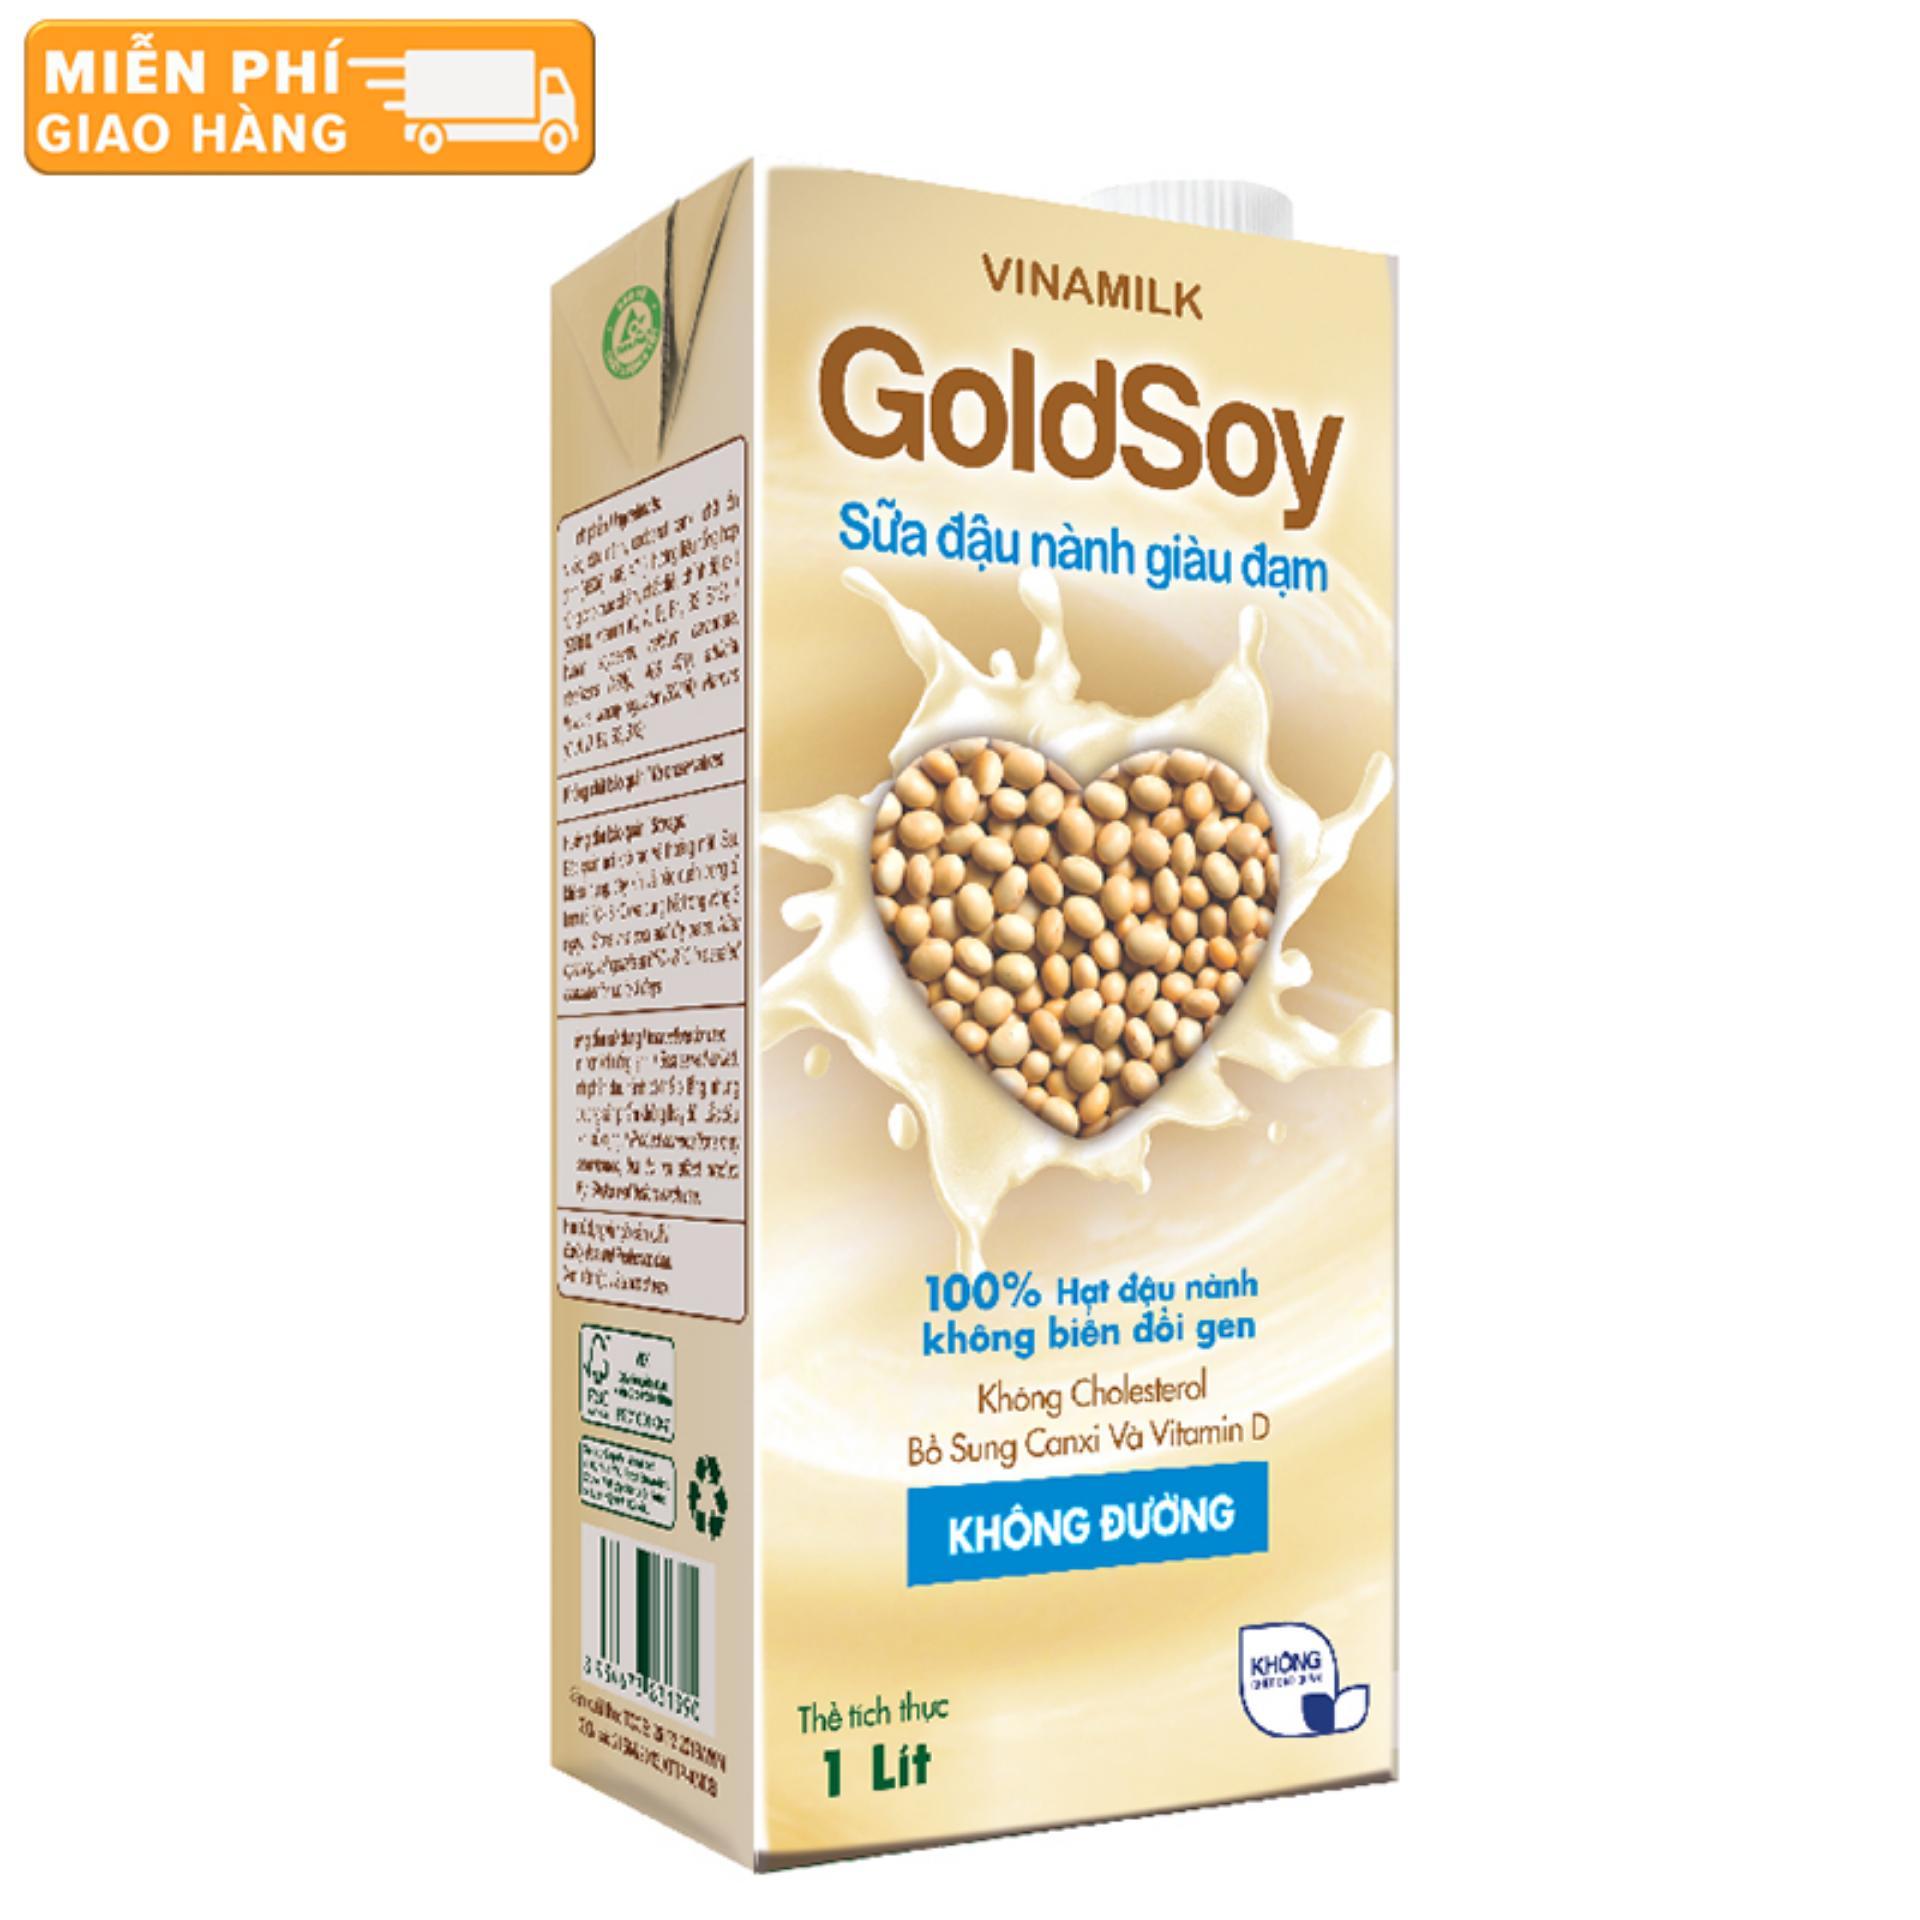 Thùng 12 Hộp Sữa đậu nành GoldSoy Giàu Đạm không đường 1L (Hộp giấy)